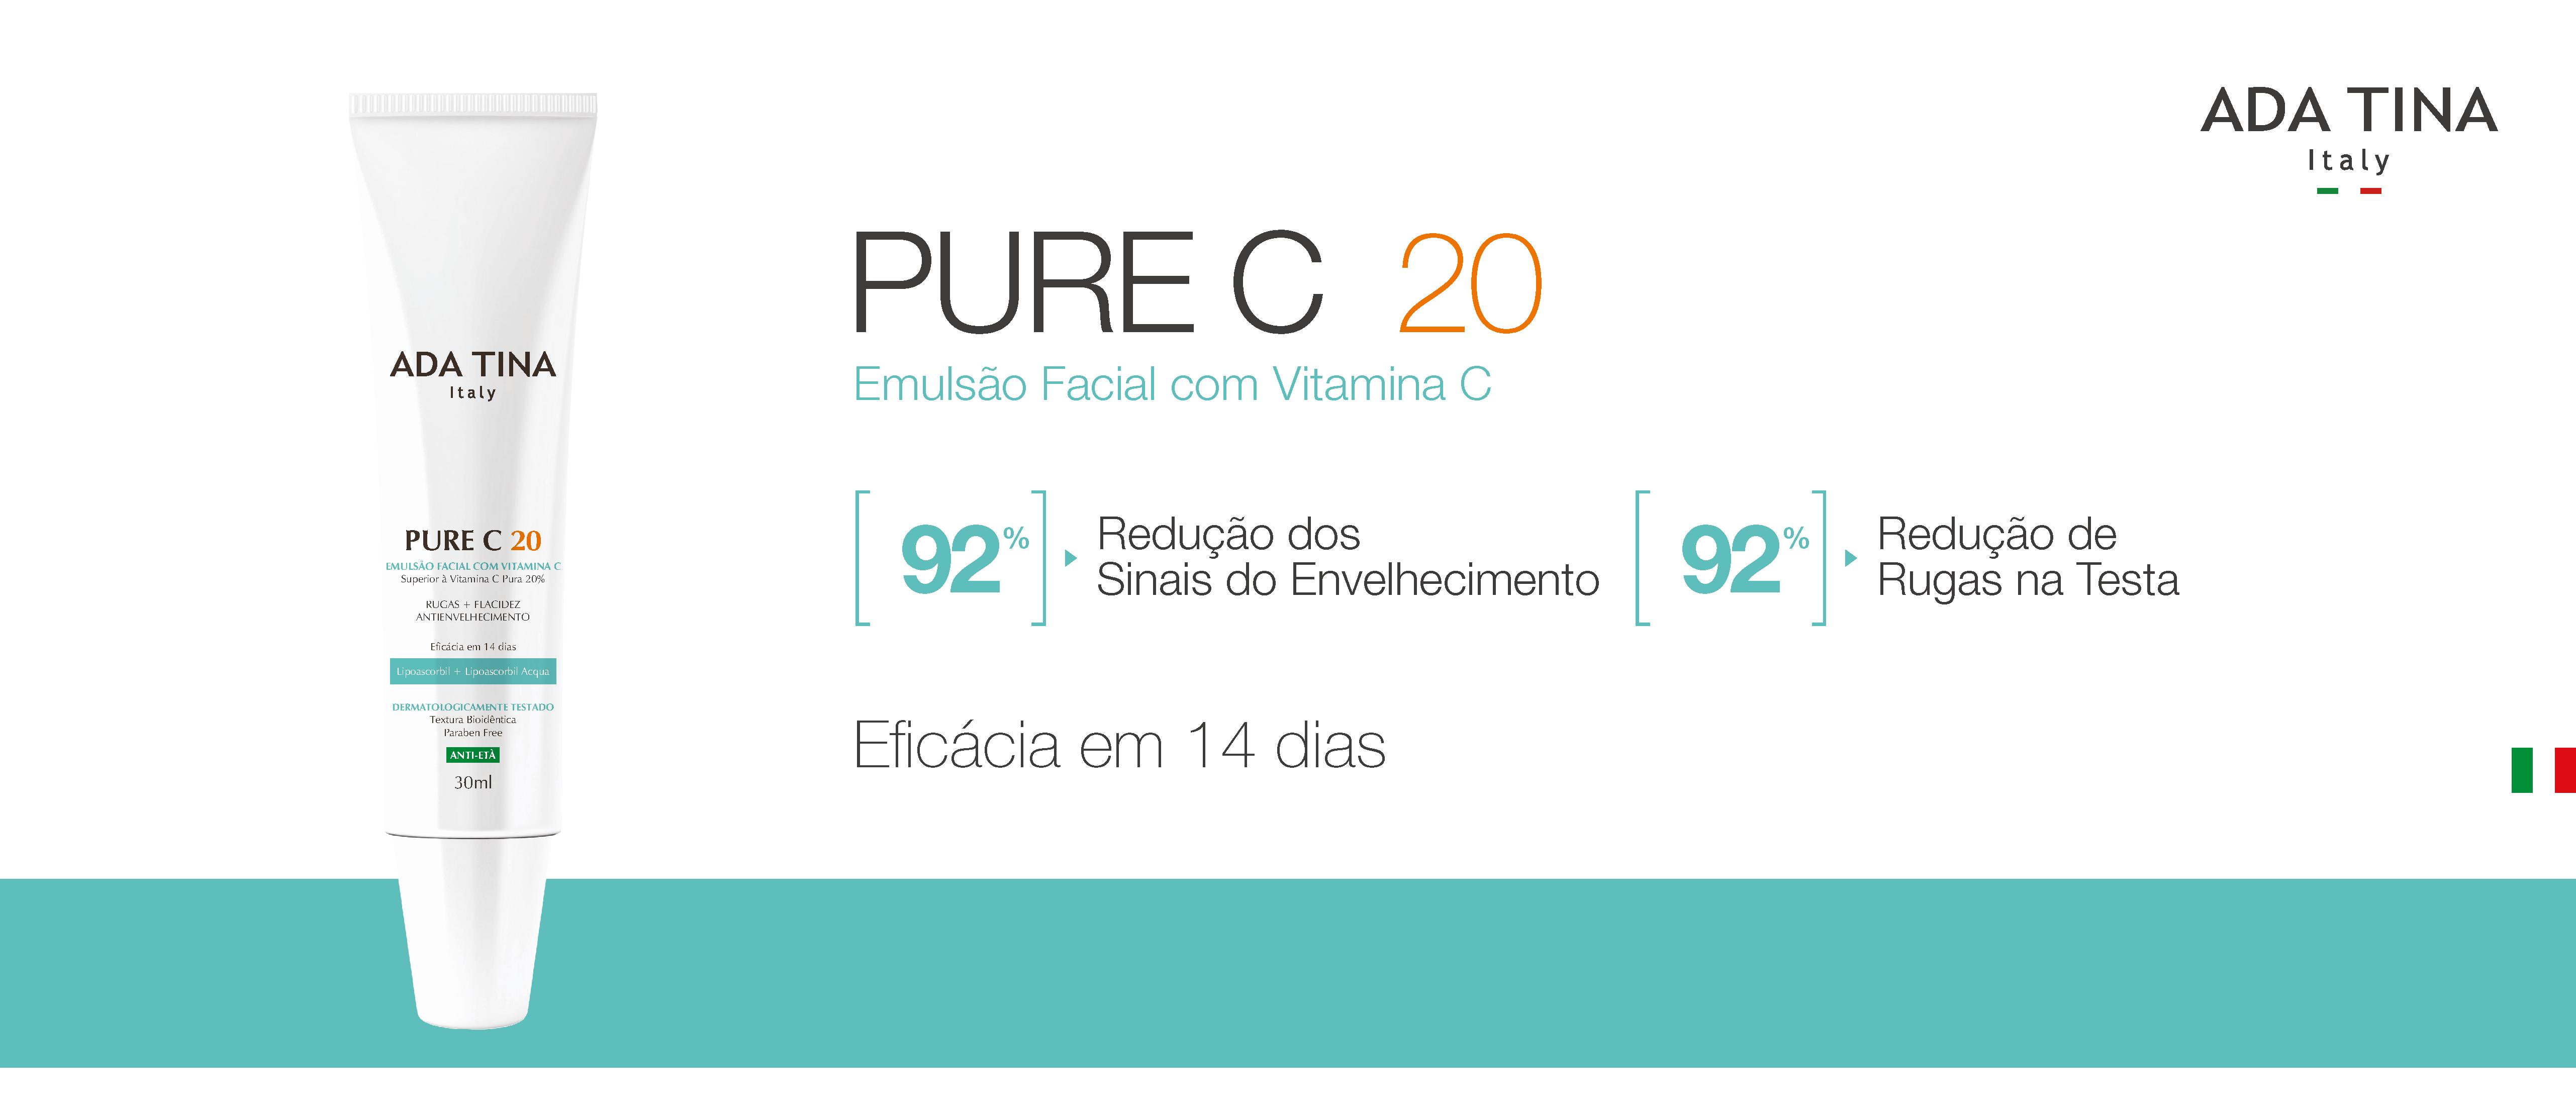 Pure C 20